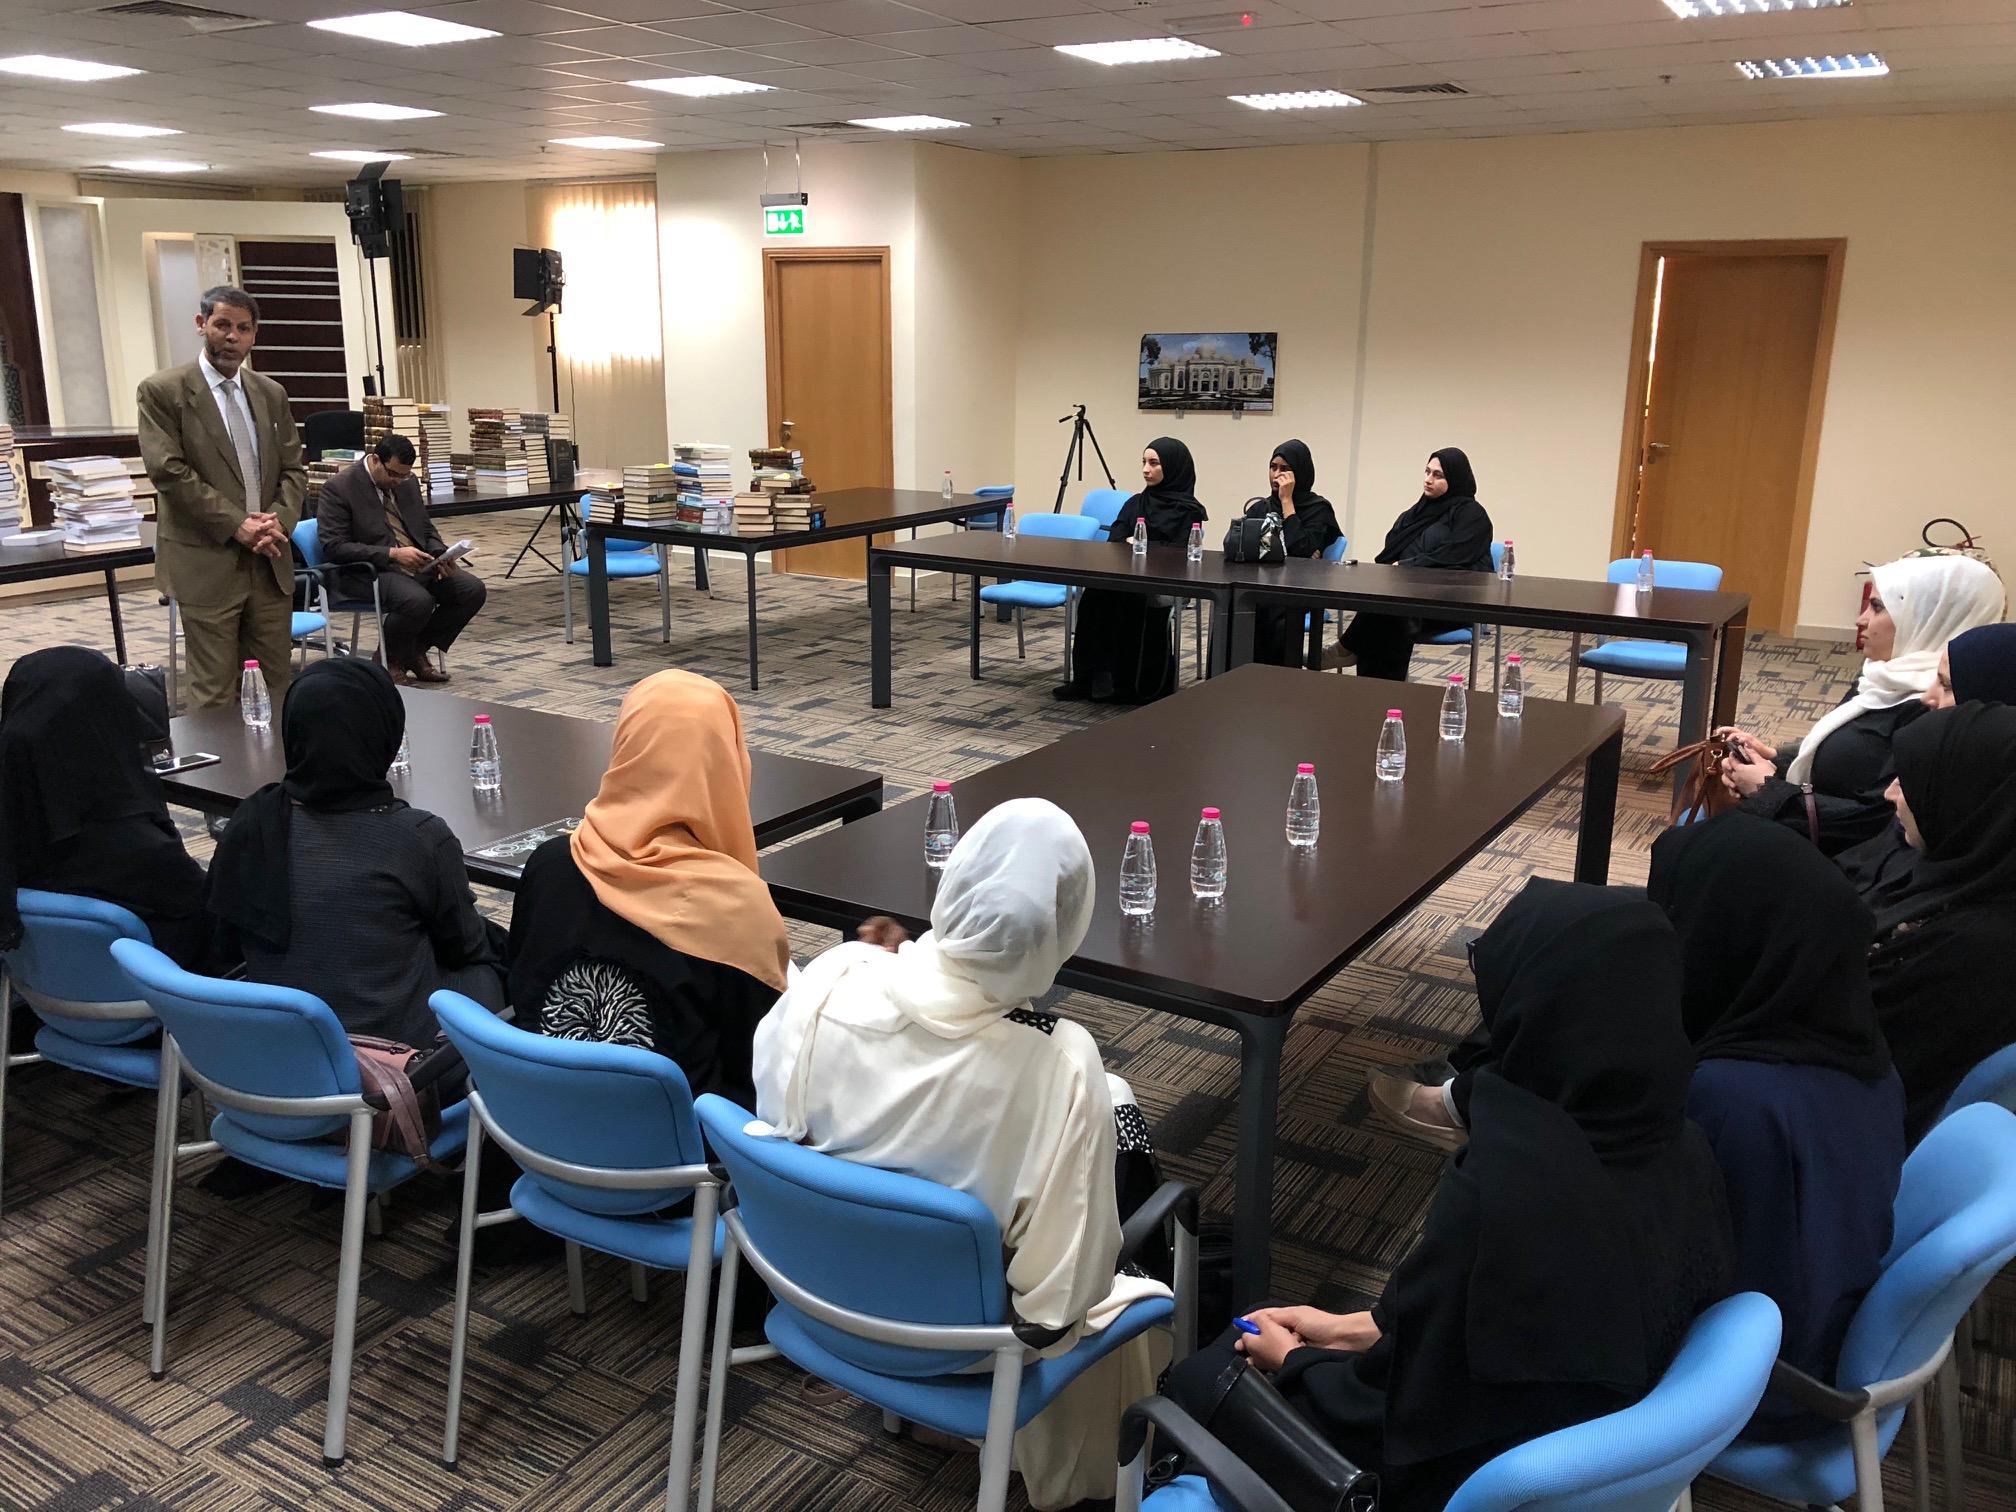 طالبات الجامعة القاسمية يطّلعن على آخر التطورات في إنجاز المعجم التاريخي للغة العربية